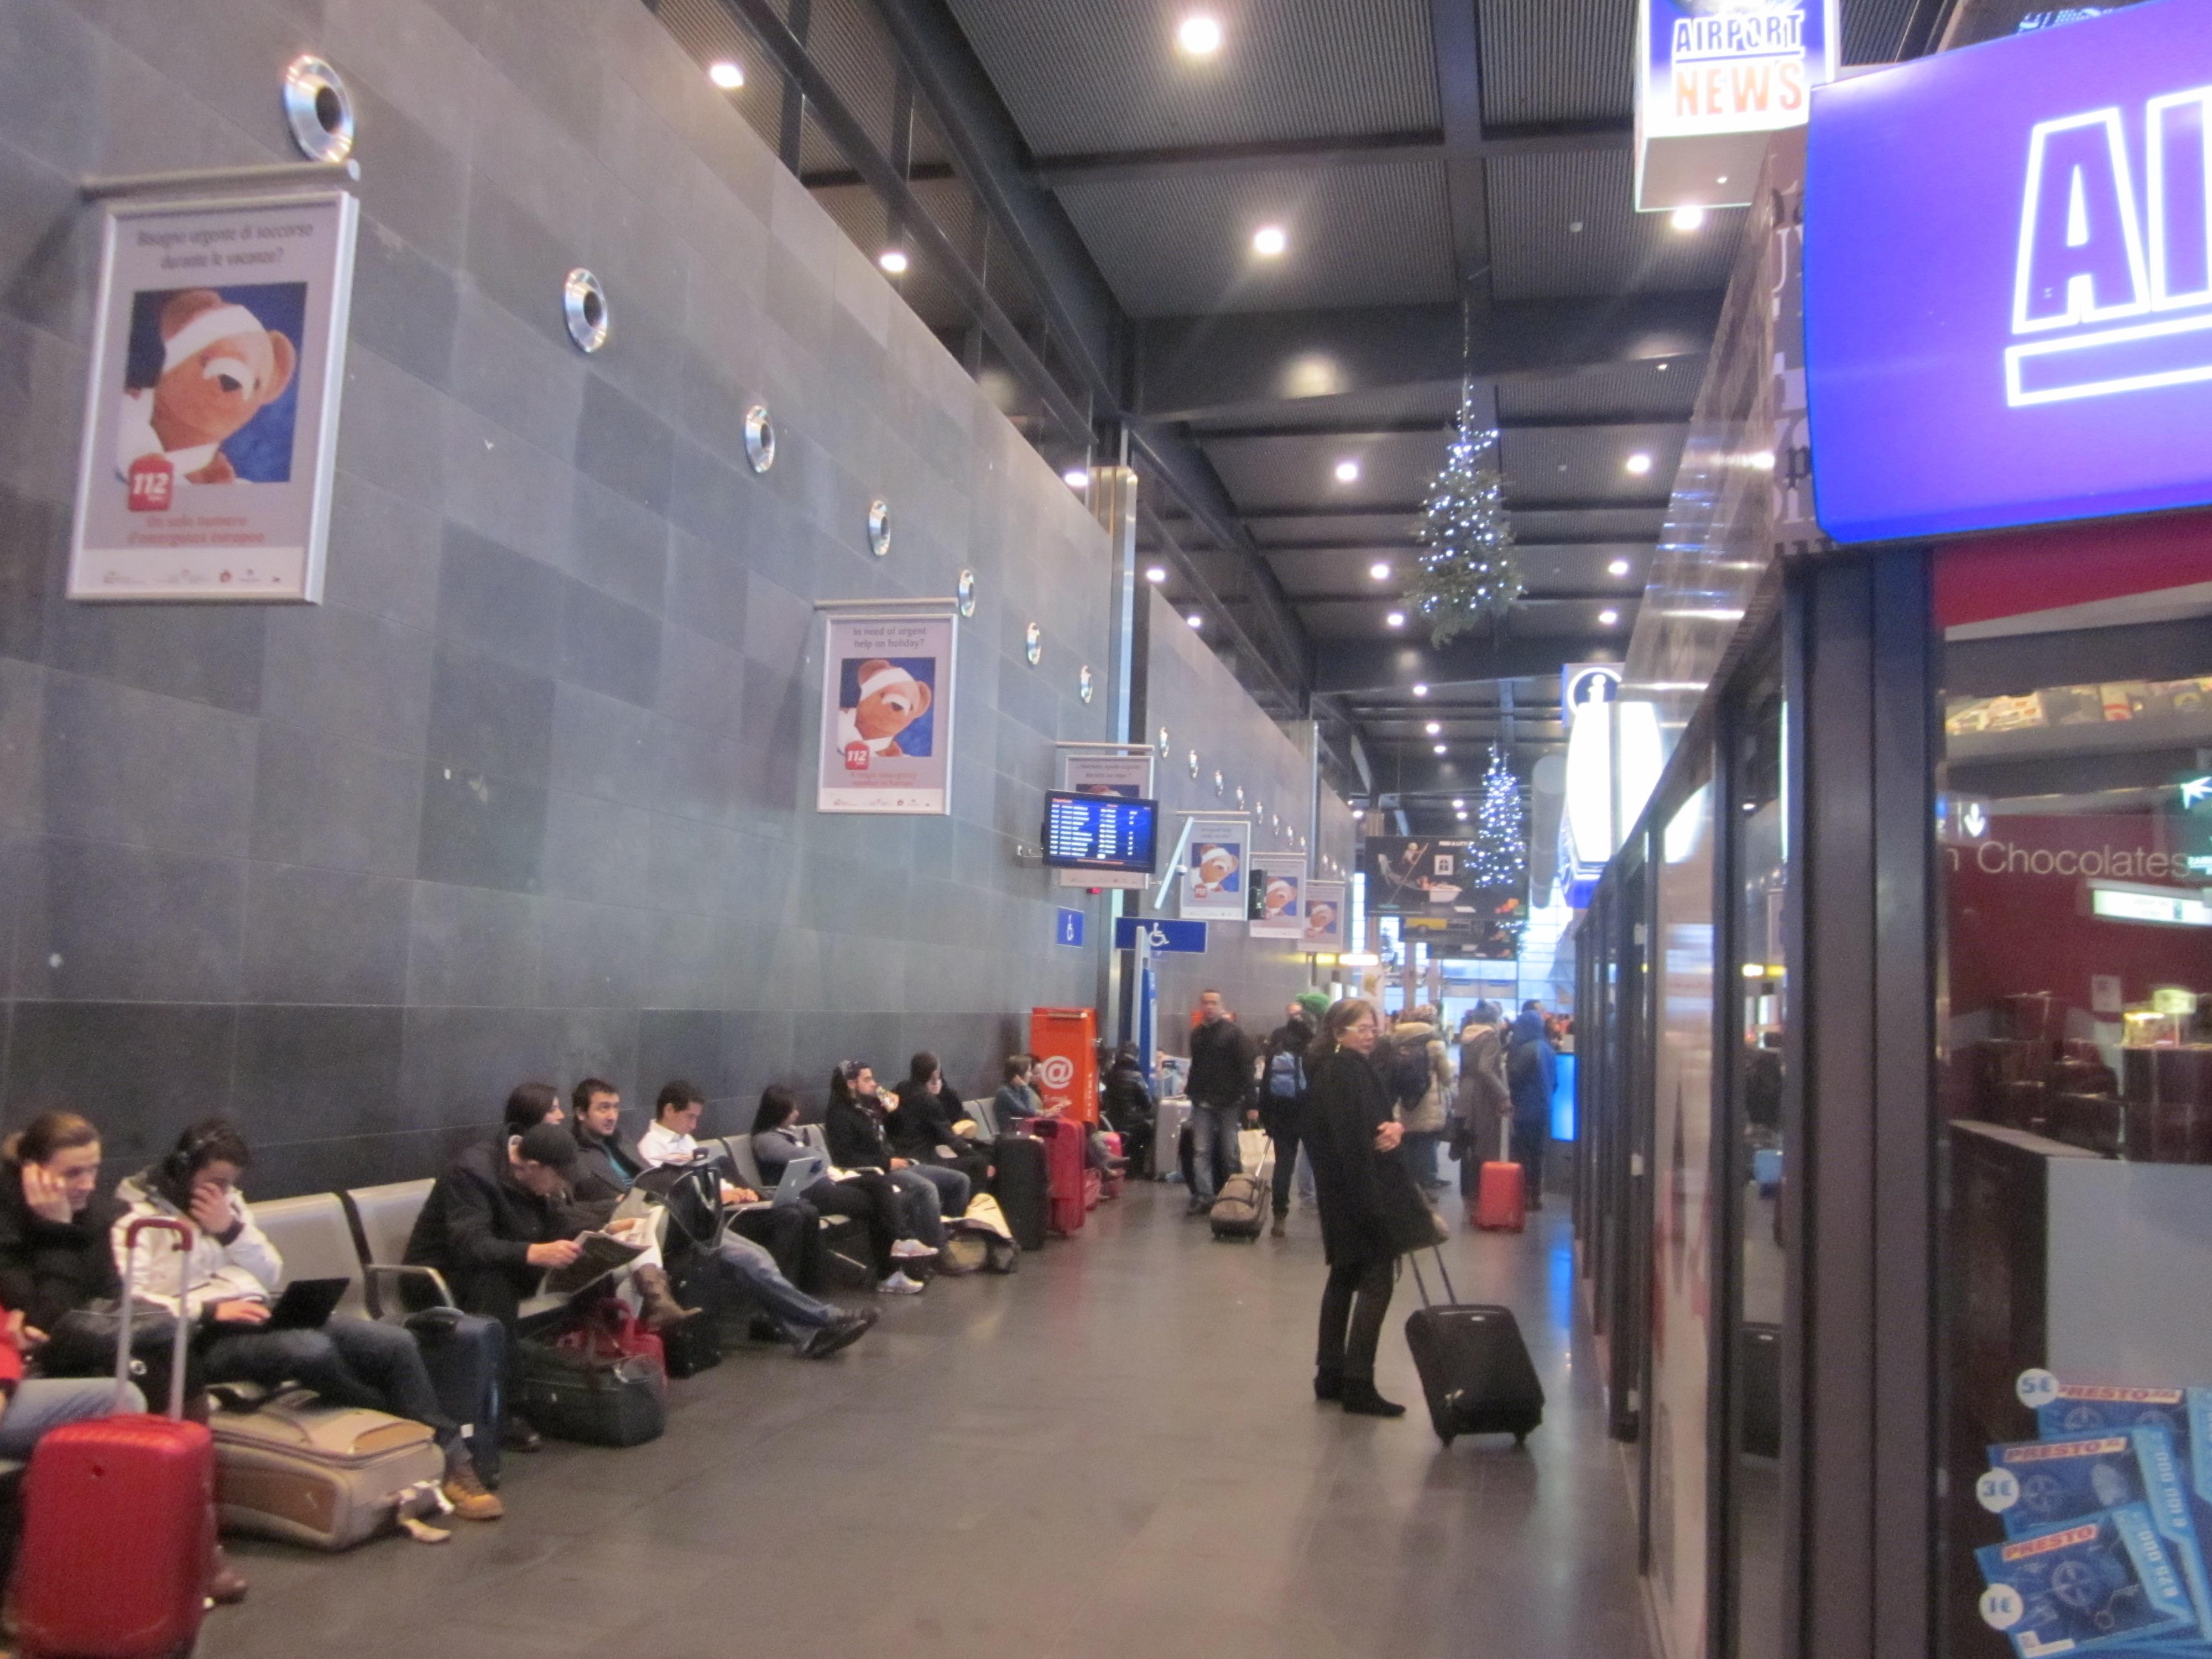 About: ブリュッセル・サウスシャルルロワ空港